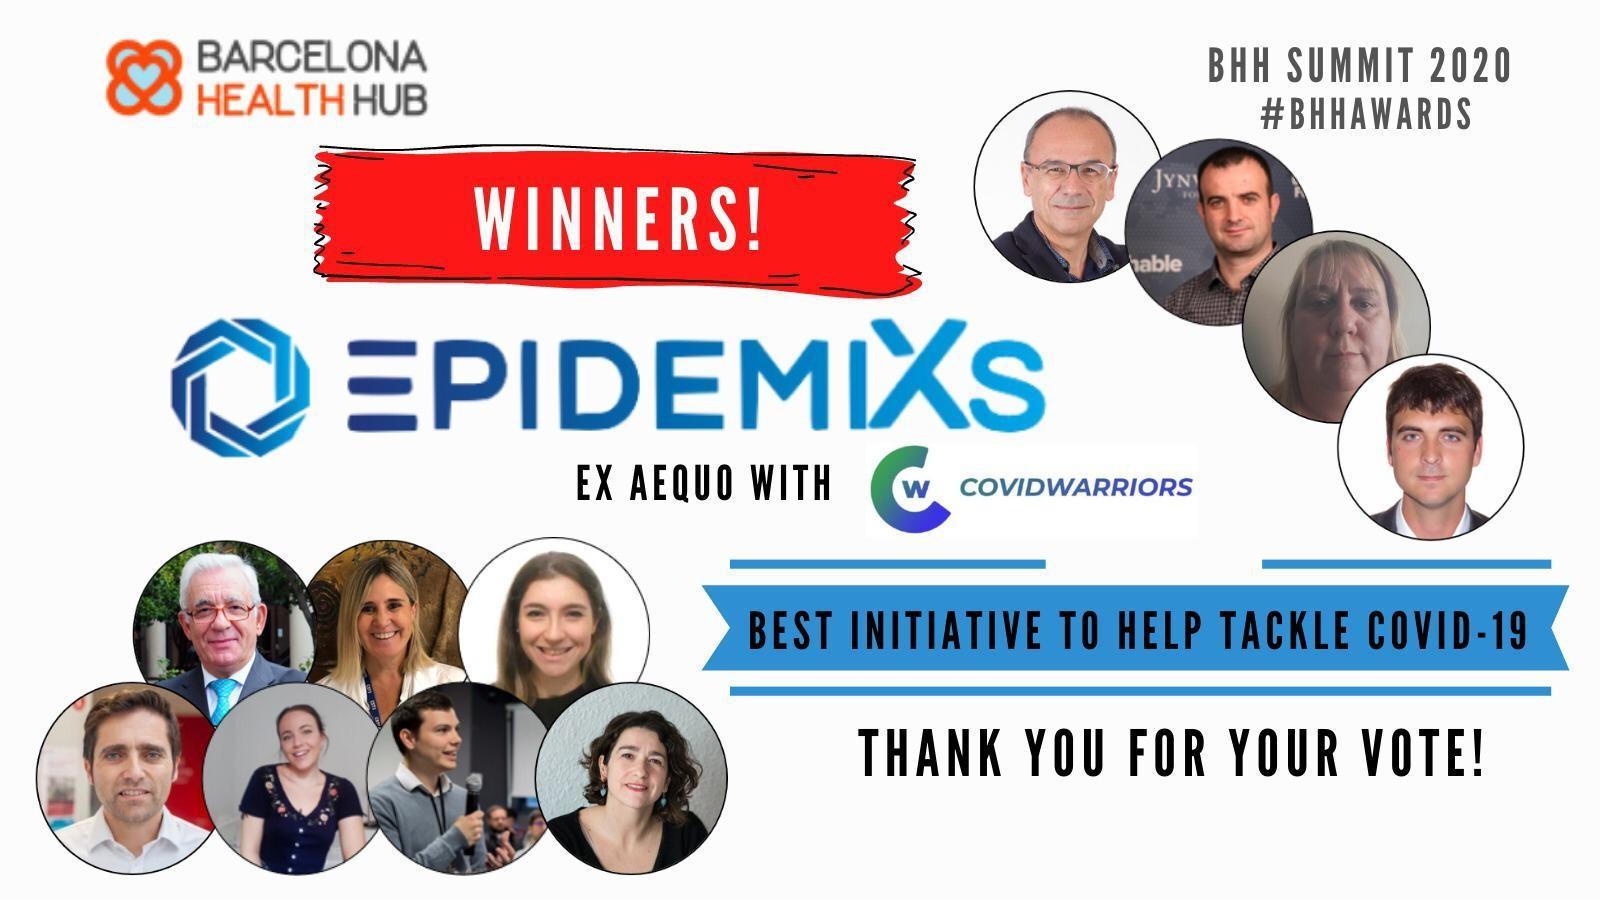 El proyecto colaborativo Epidemix, ganador de los BHH Awards